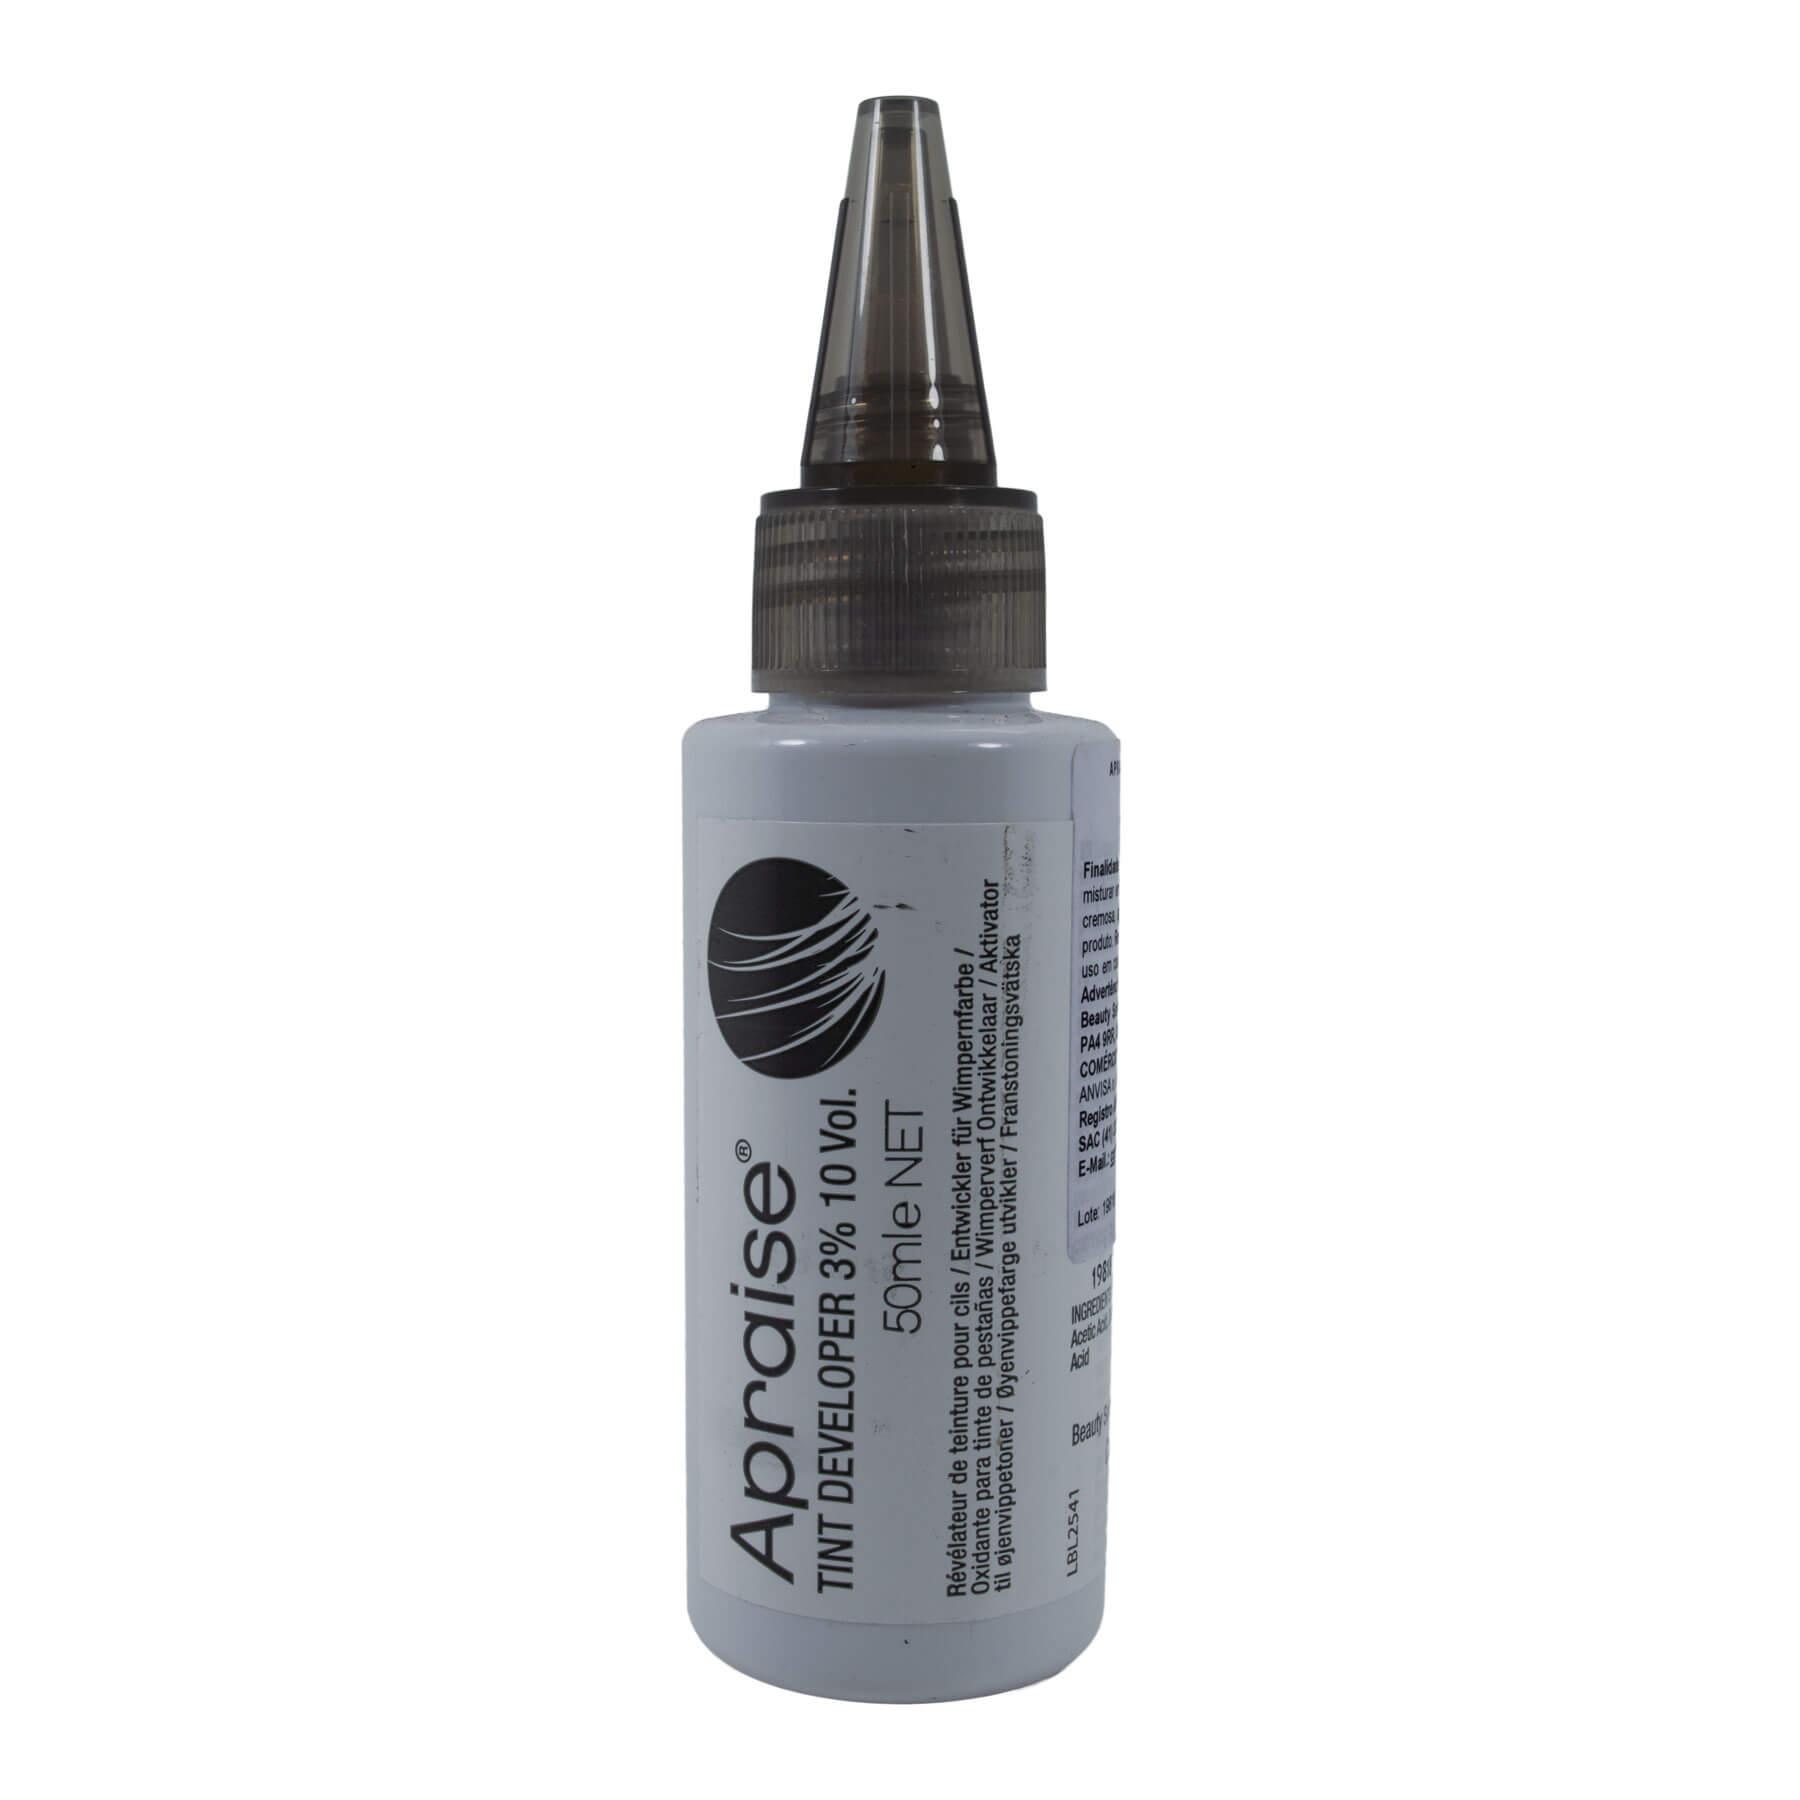 Oxidante de Tintura Apraise 3% 50ml